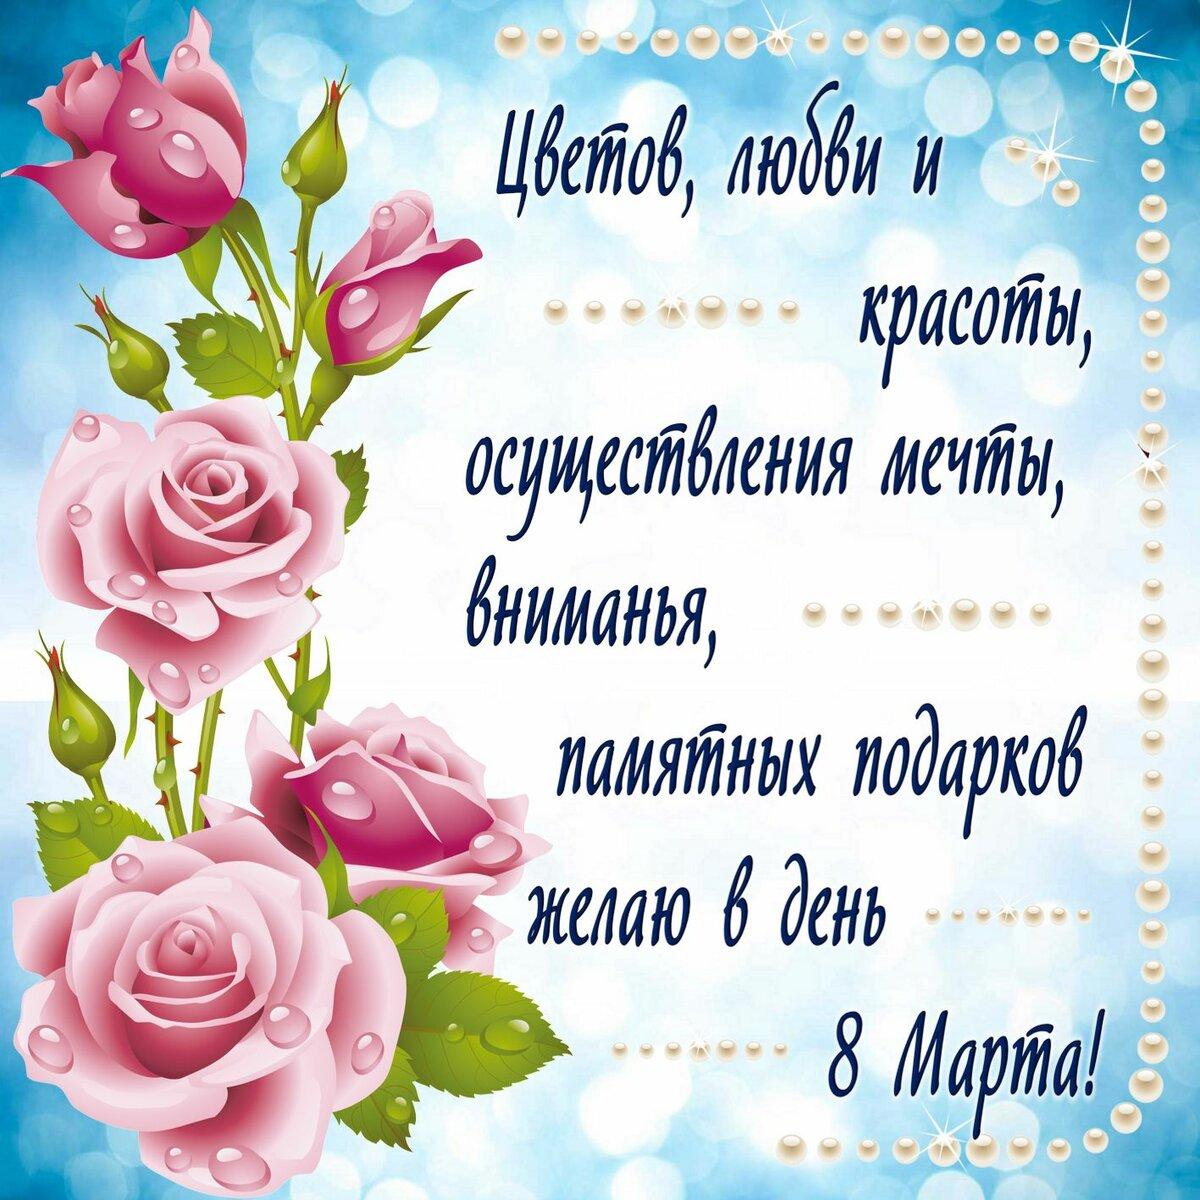 Поздравления для женщин с 8 марта стихи